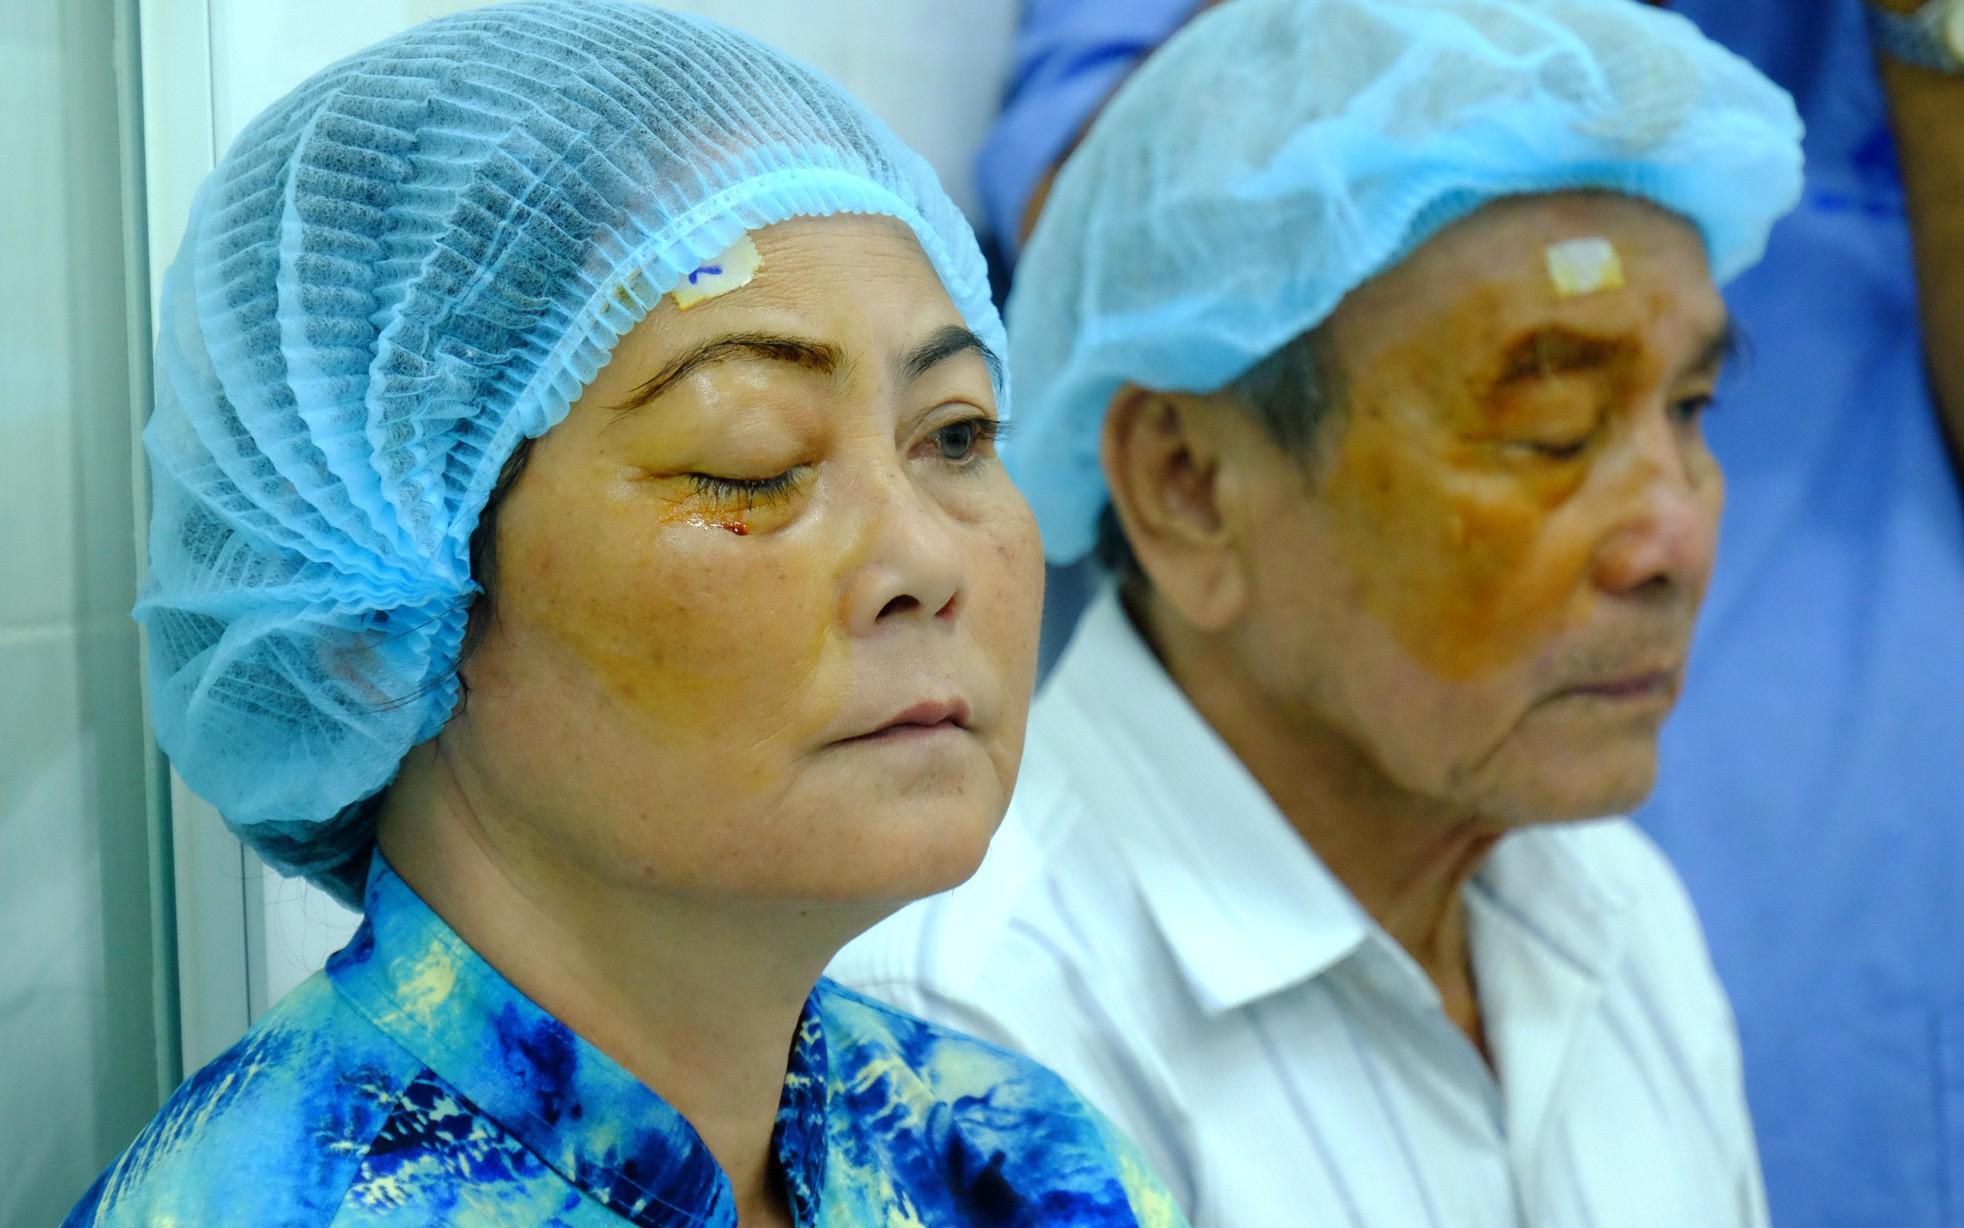 """Mắt xuất hiện """"màng máu"""": Không ít người Việt mắc căn bệnh này dẫn đến nguy cơ biến dạng tròng đen và giảm thị lực"""